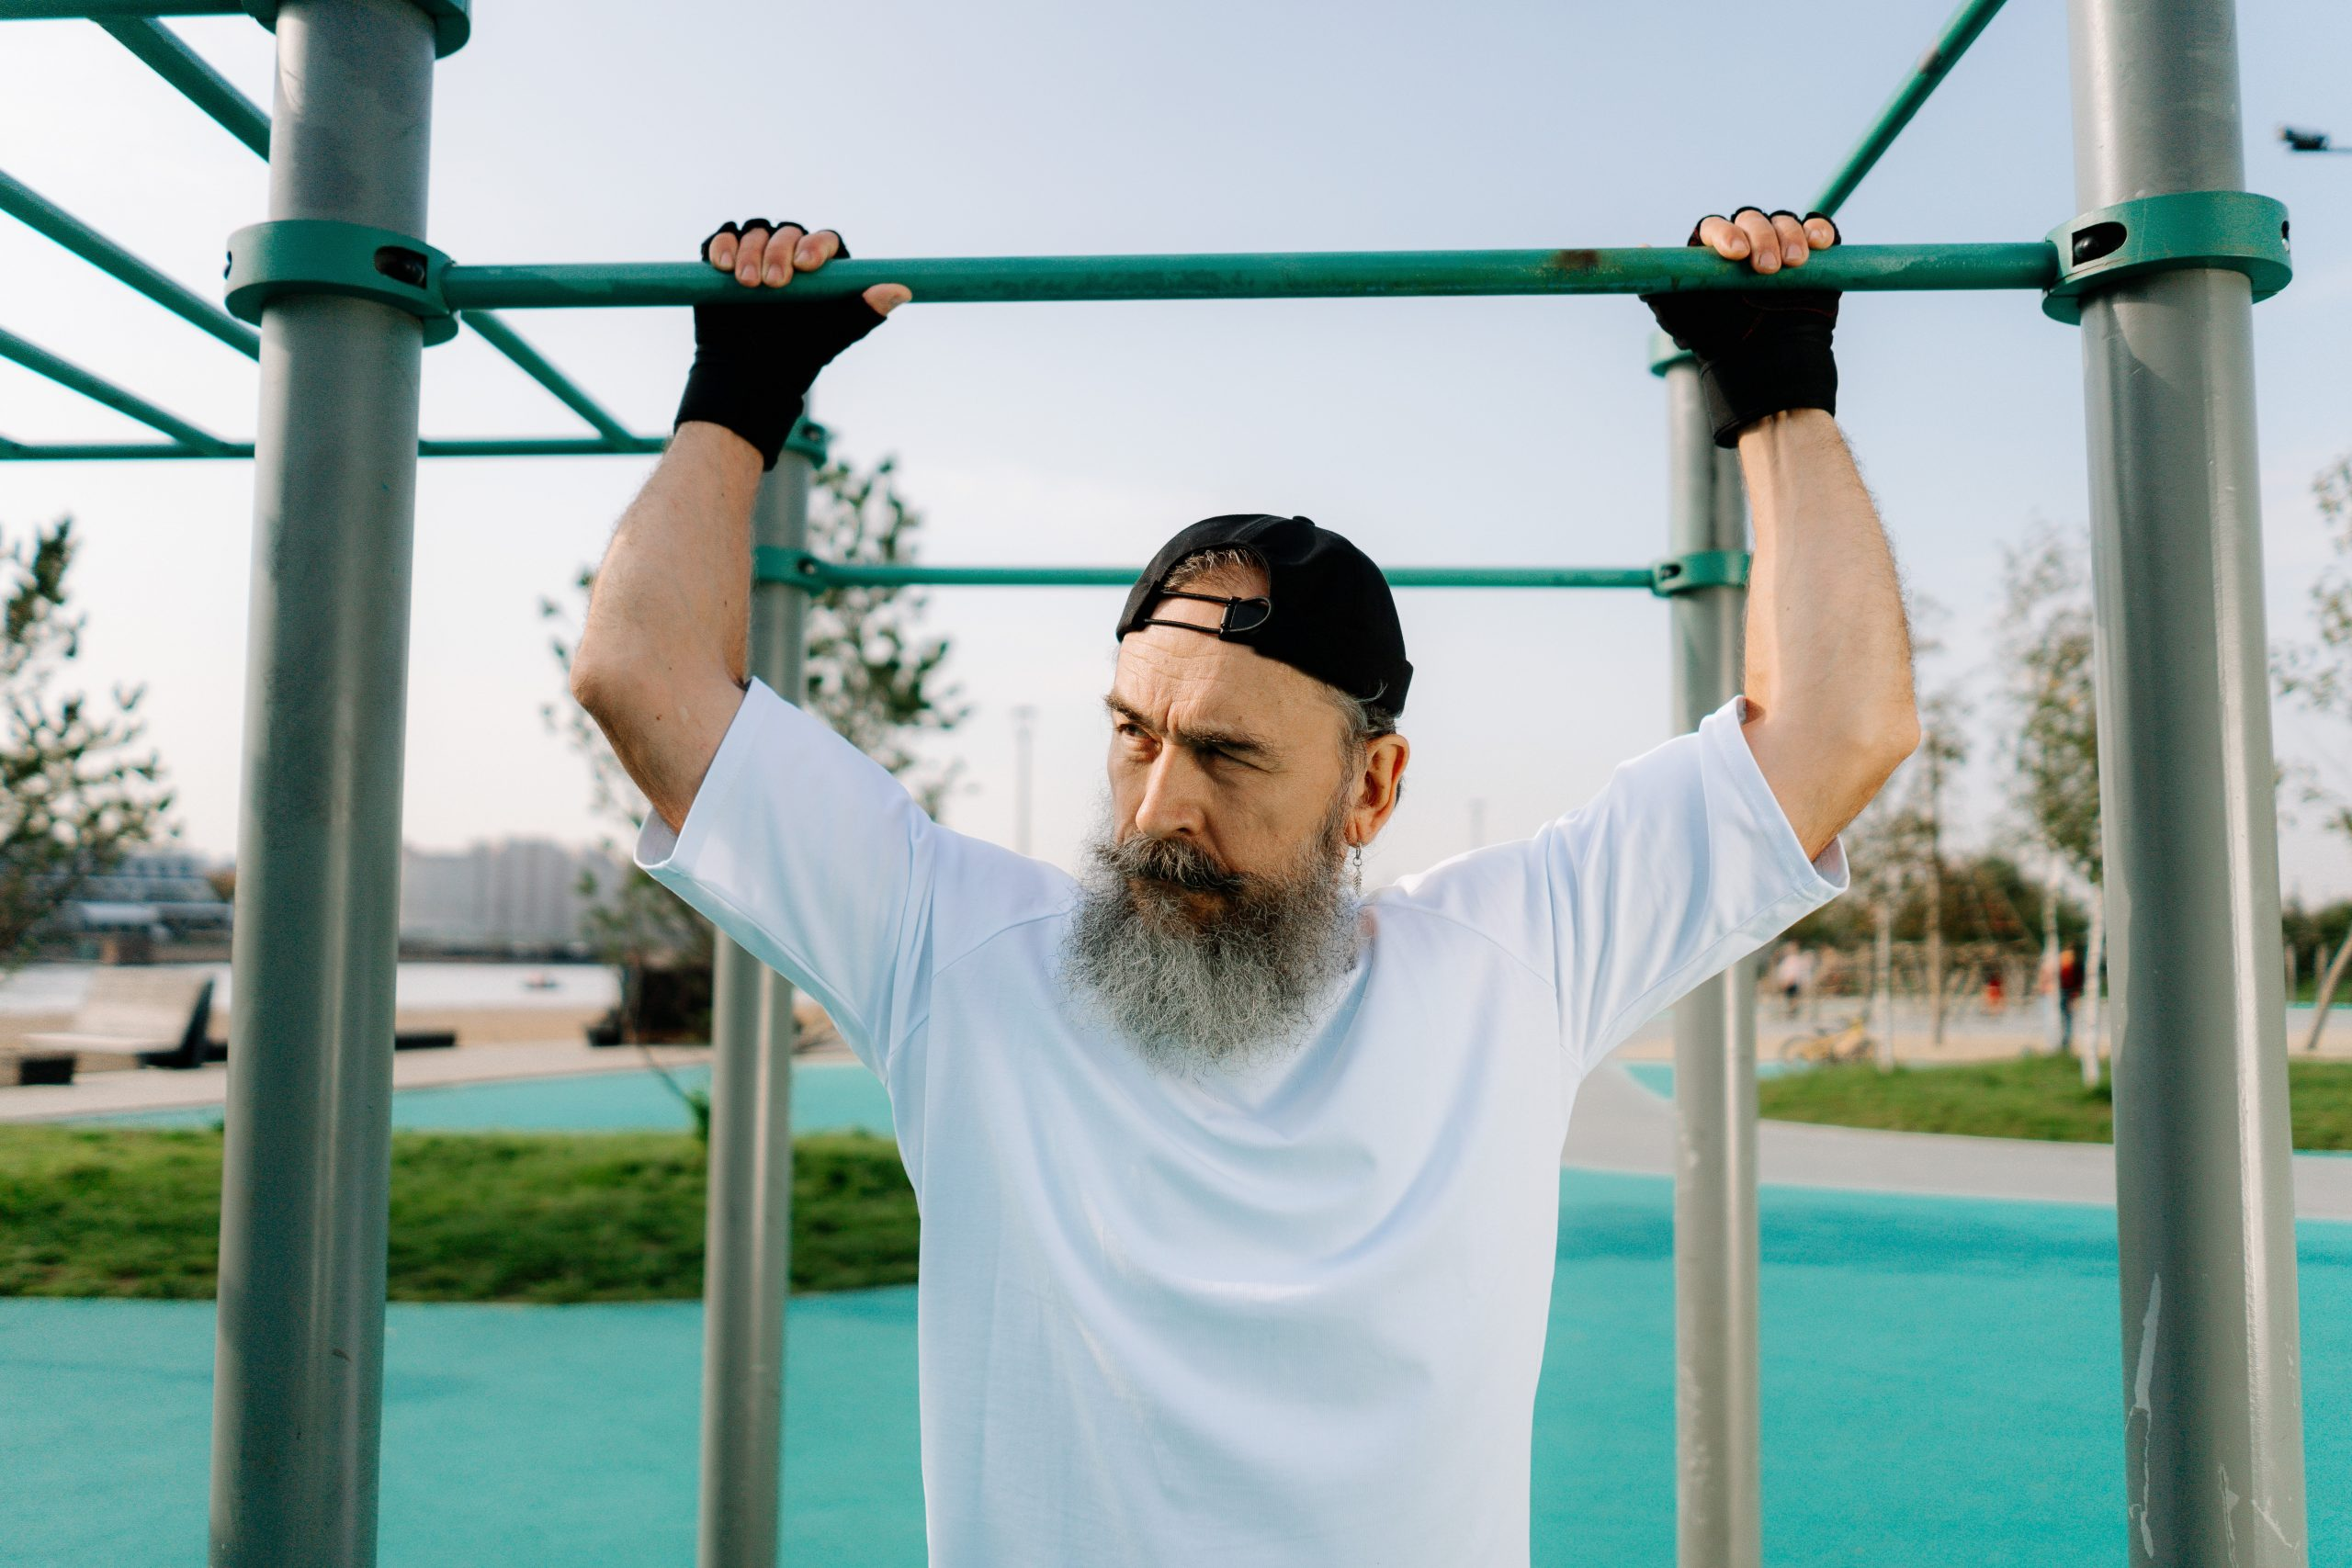 Imagem de um homem próximo a uma barra de exercícios.